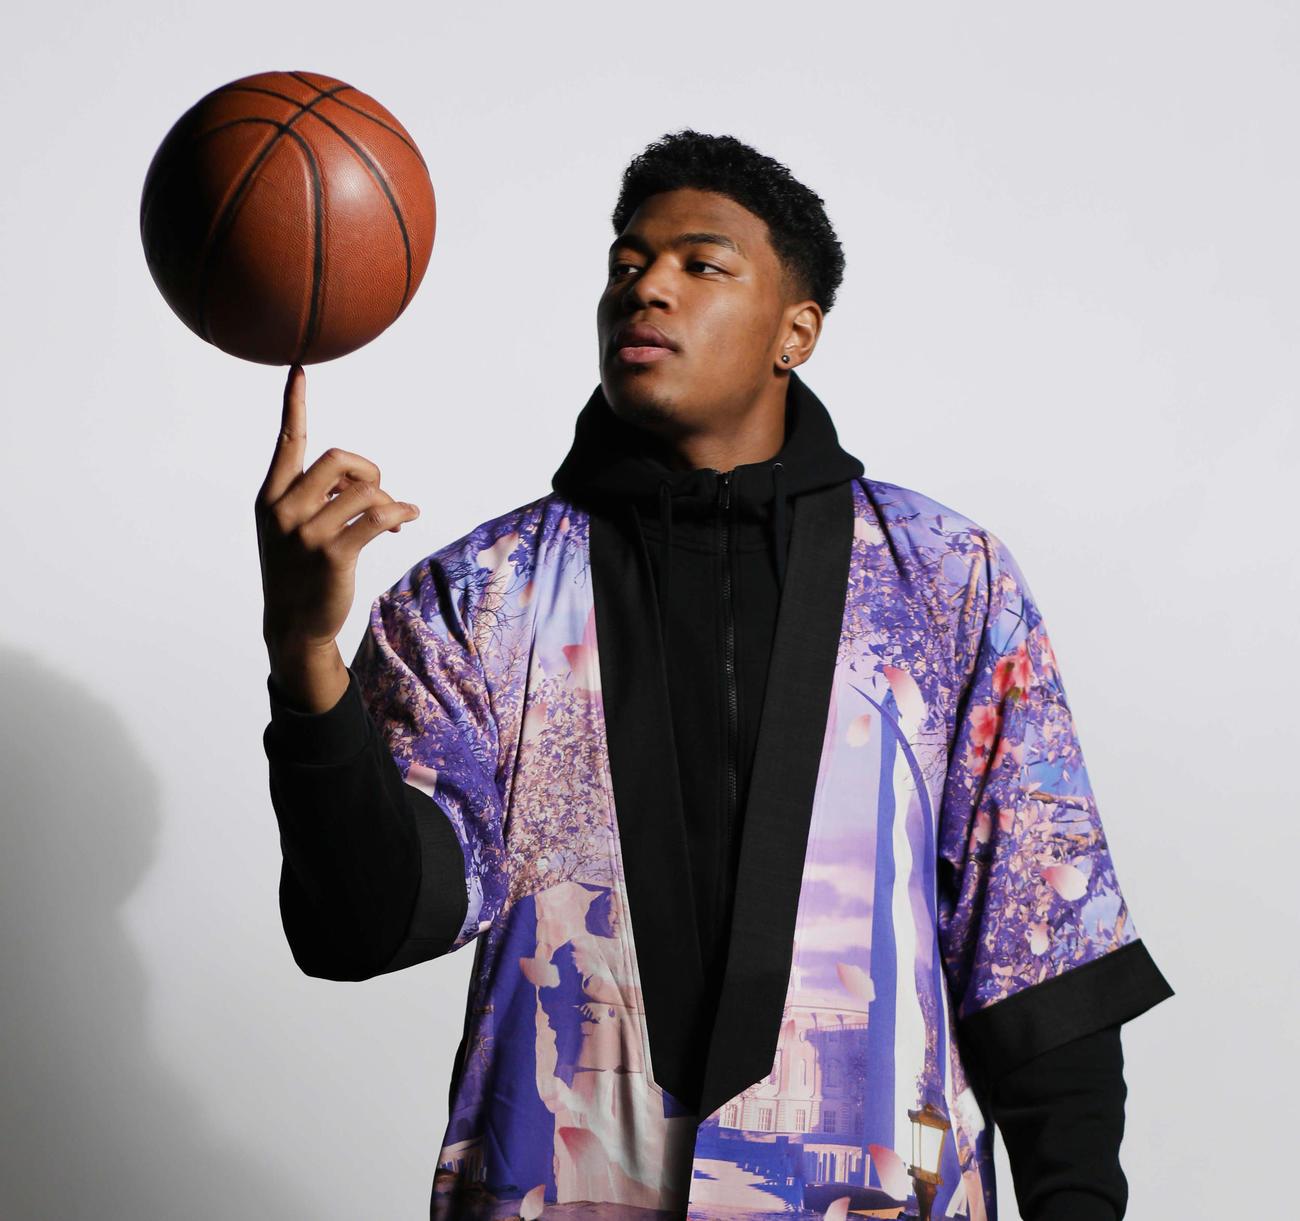 「ブラックサムライDC桜版Kimono」を着用し、バスケットボールを回すNBAウィザーズの八村(c)Wasserman/Athlete Exchange